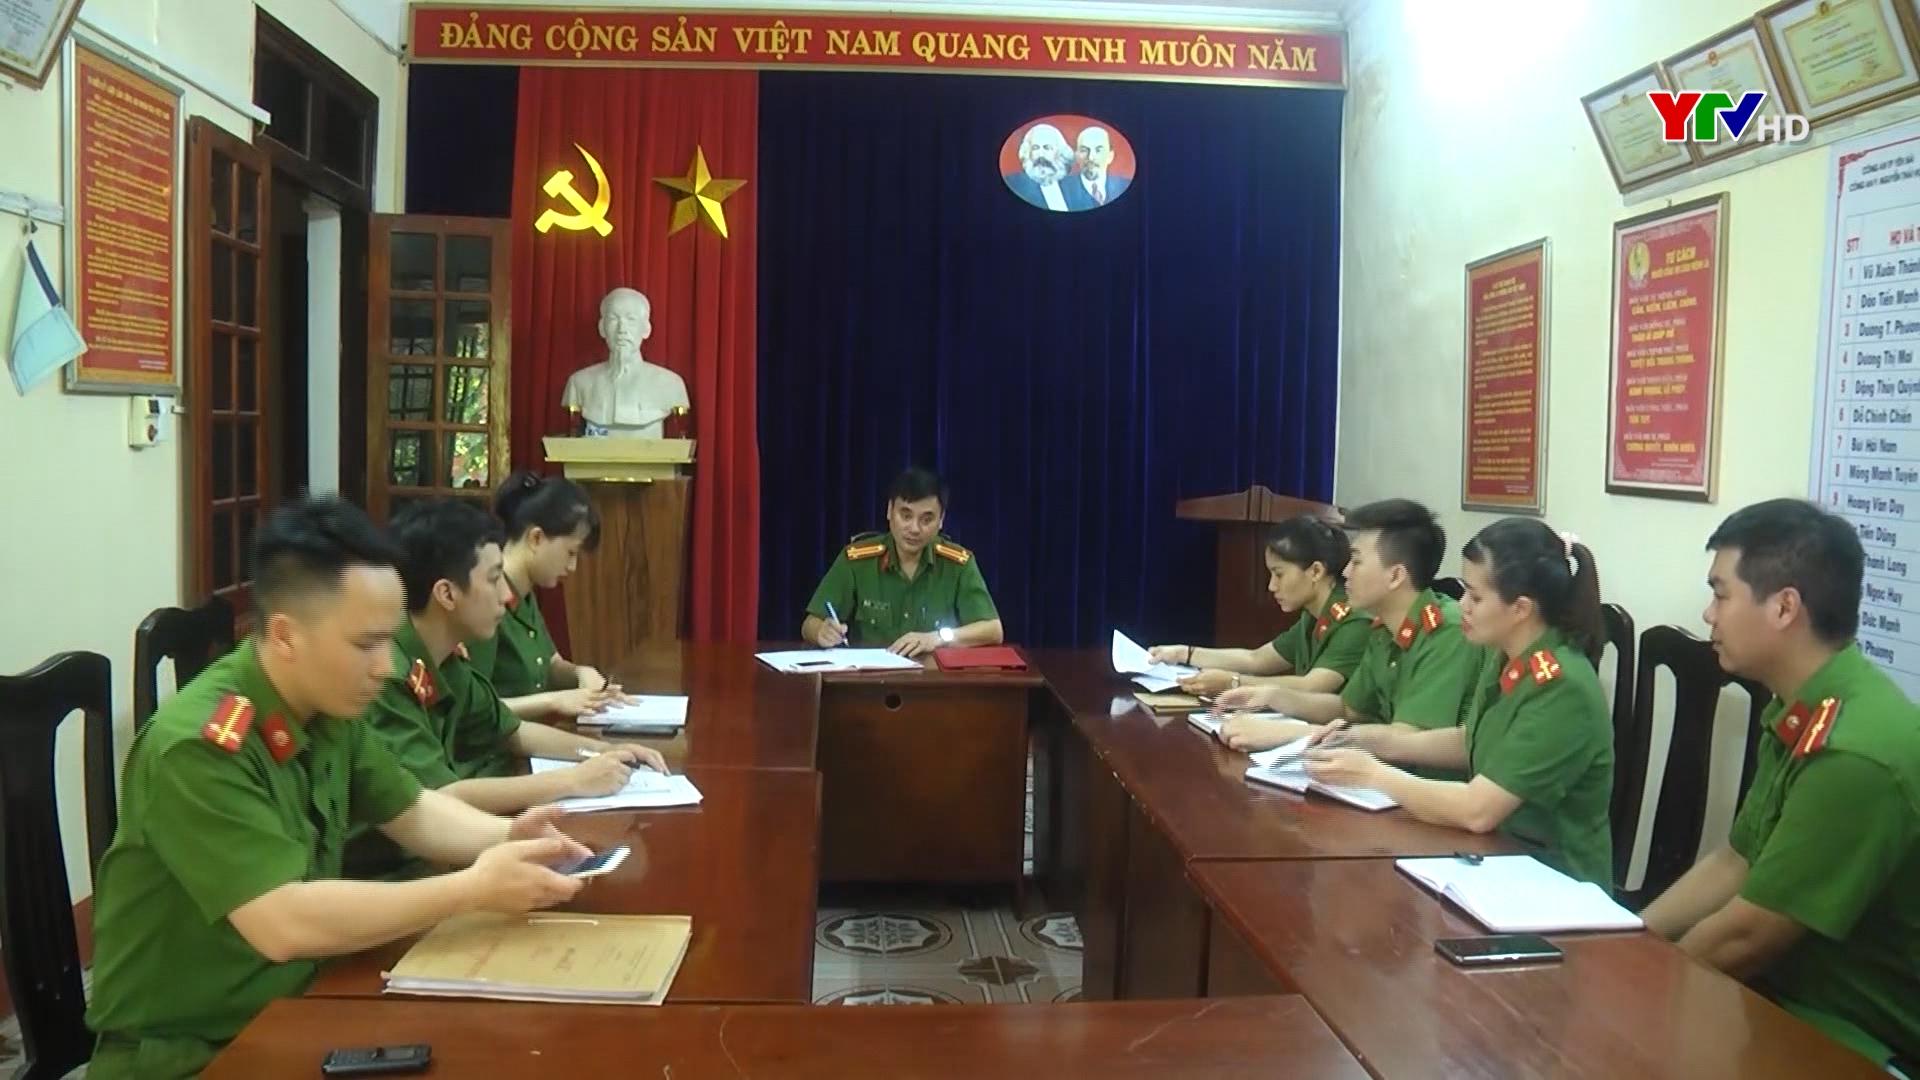 Phát huy vai trò của lực lượng công an trong phong trào bảo vệ an ninh Tổ quốc